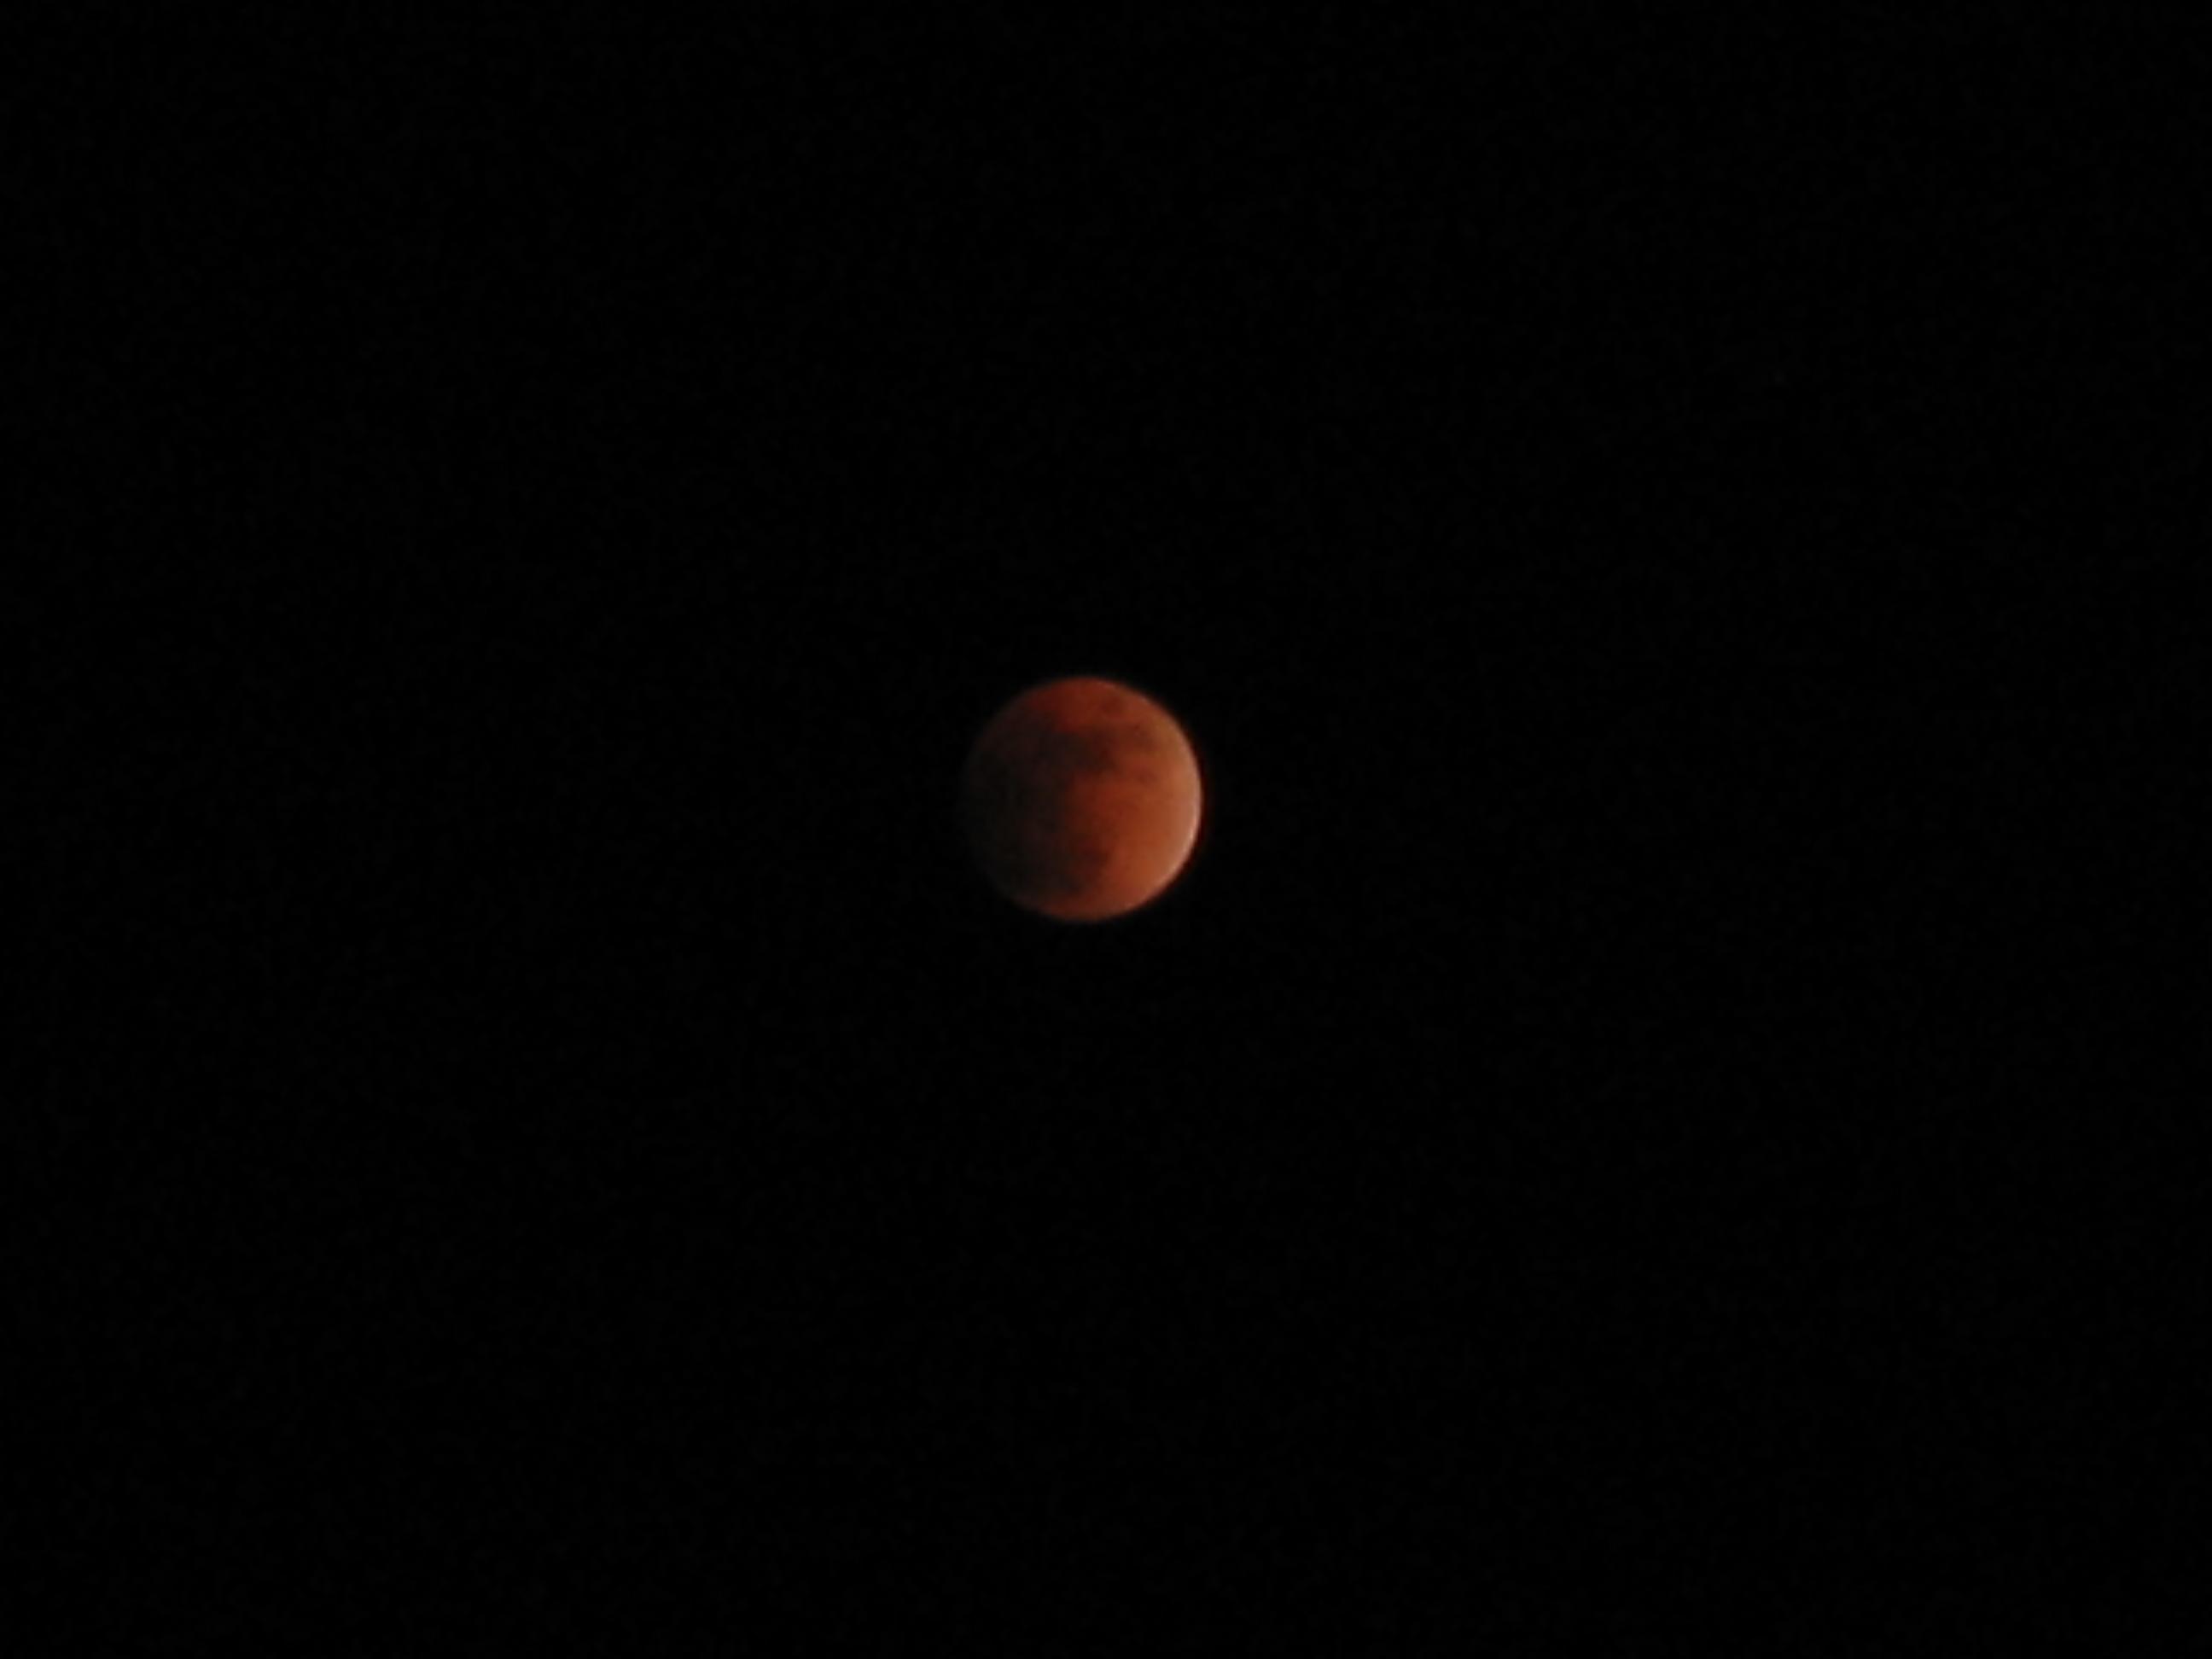 Lunar Eclipse - 2 by AdamTSC